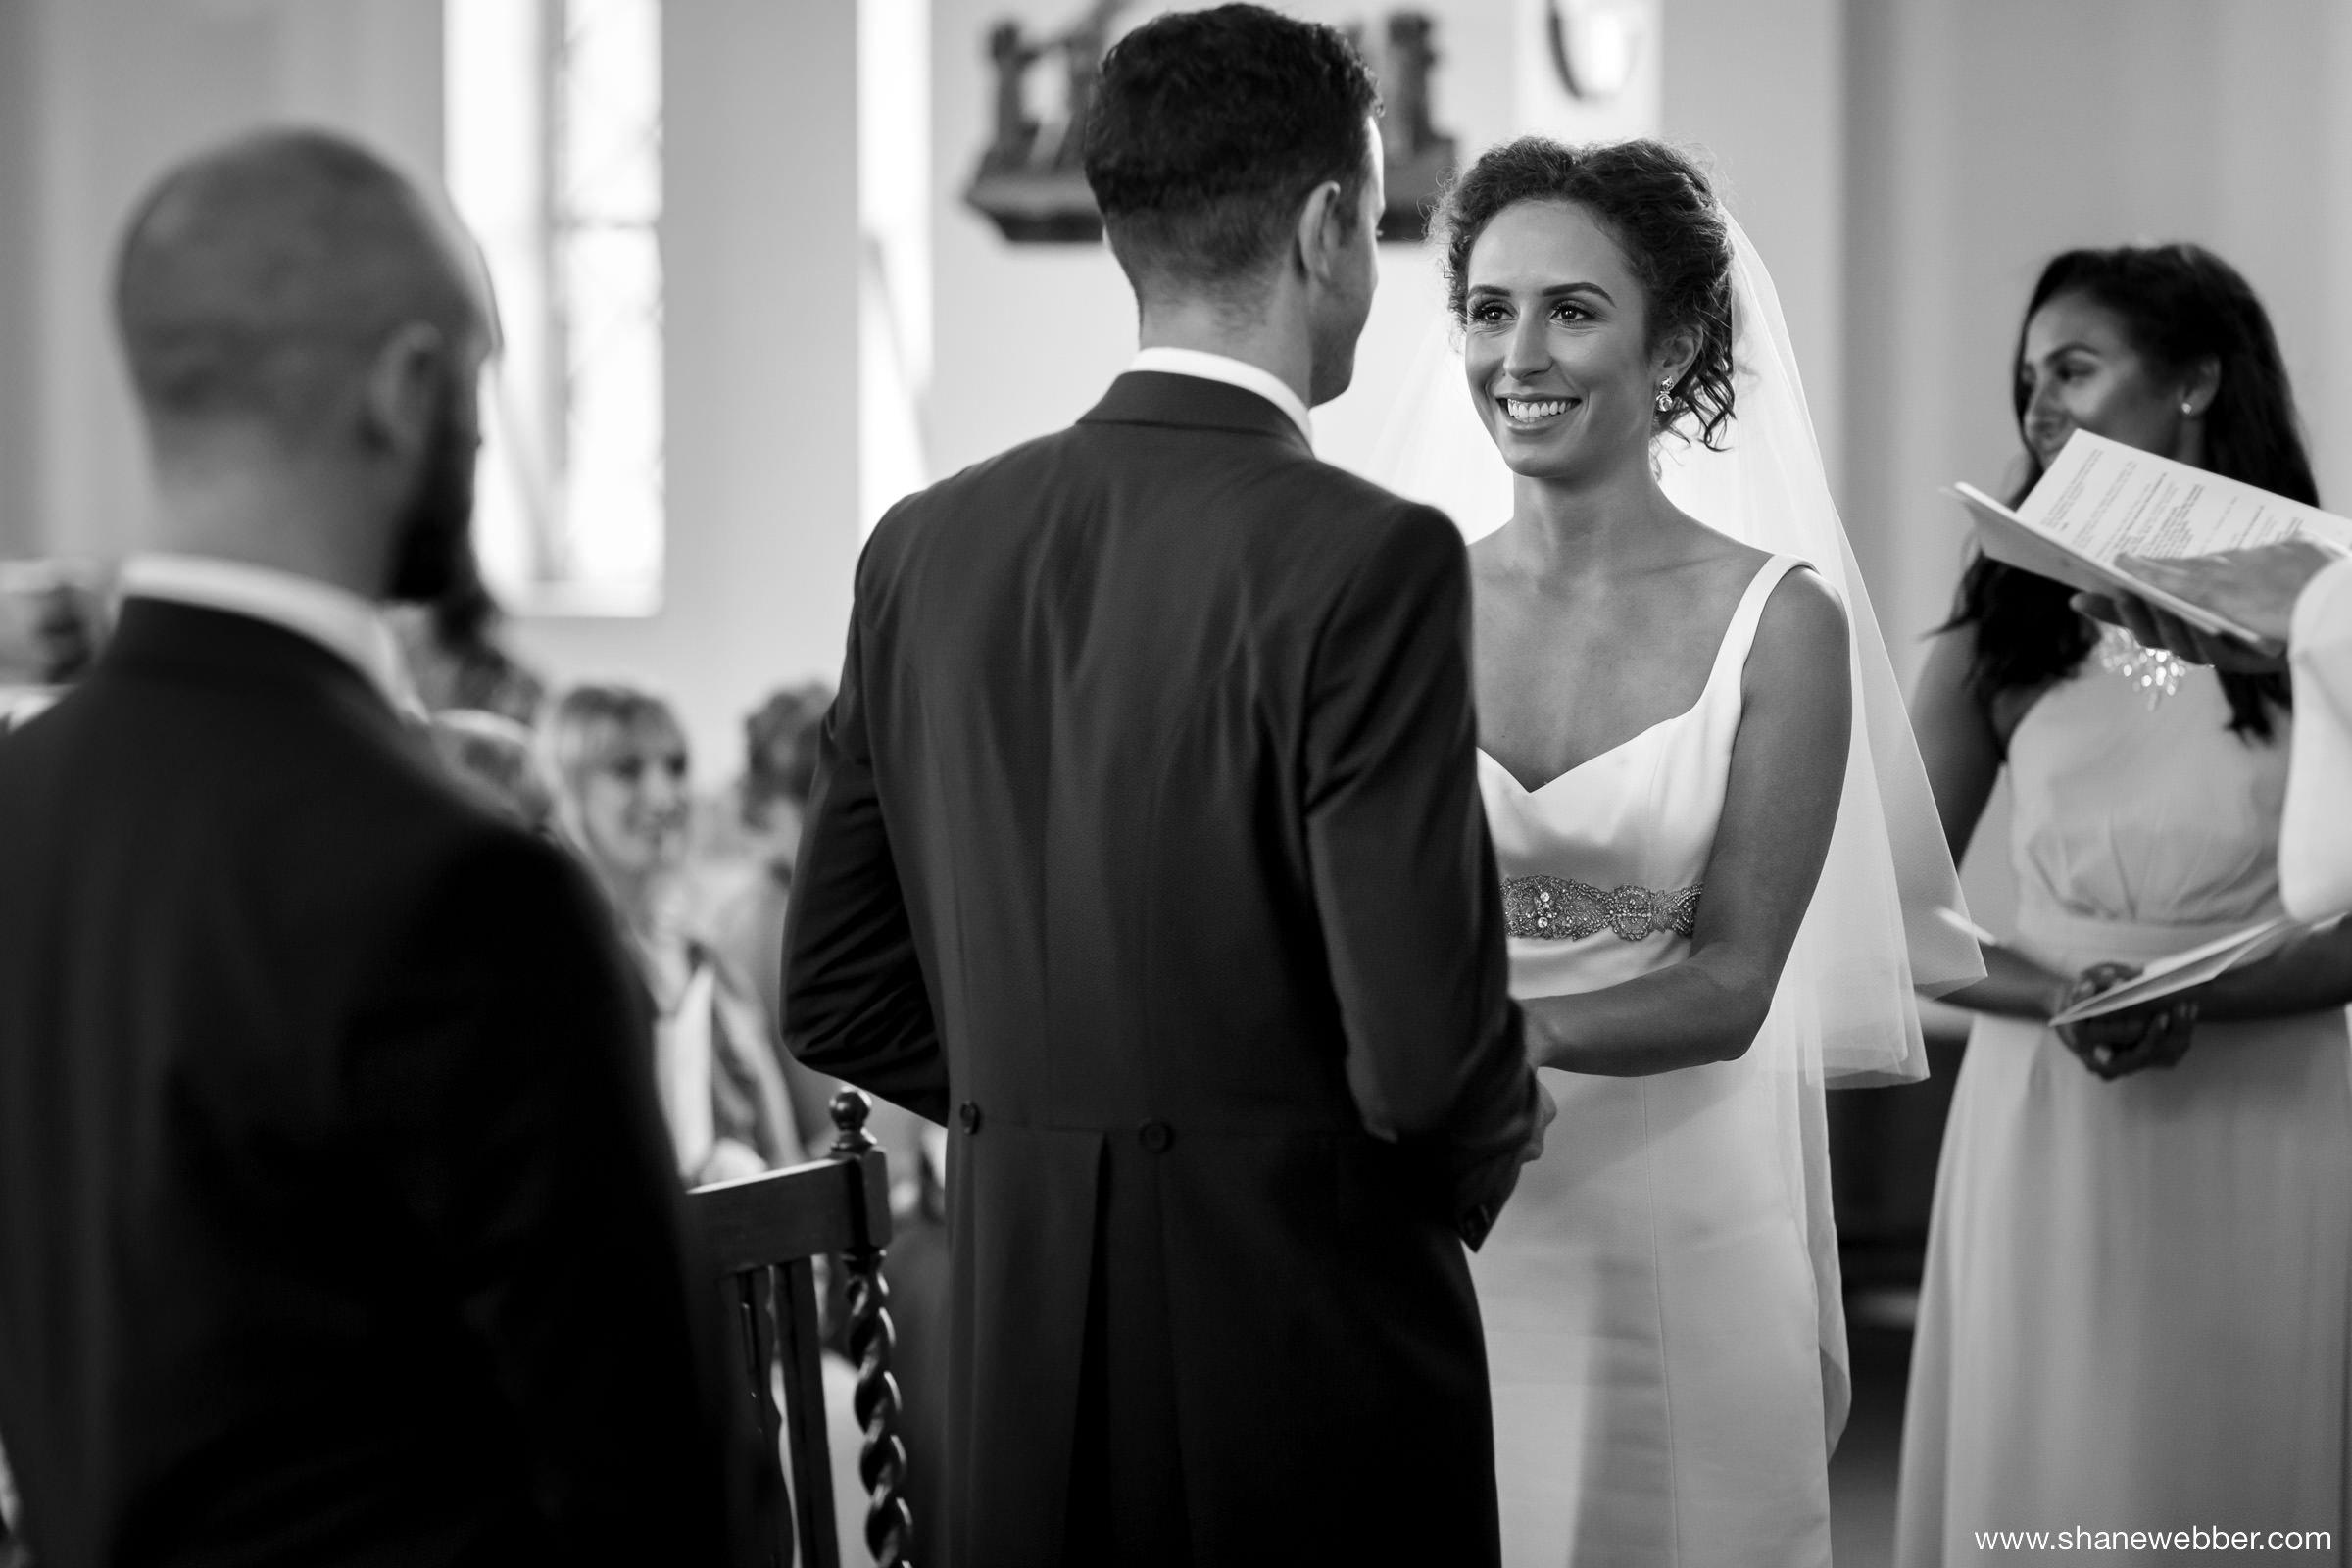 Classy and elegant bride